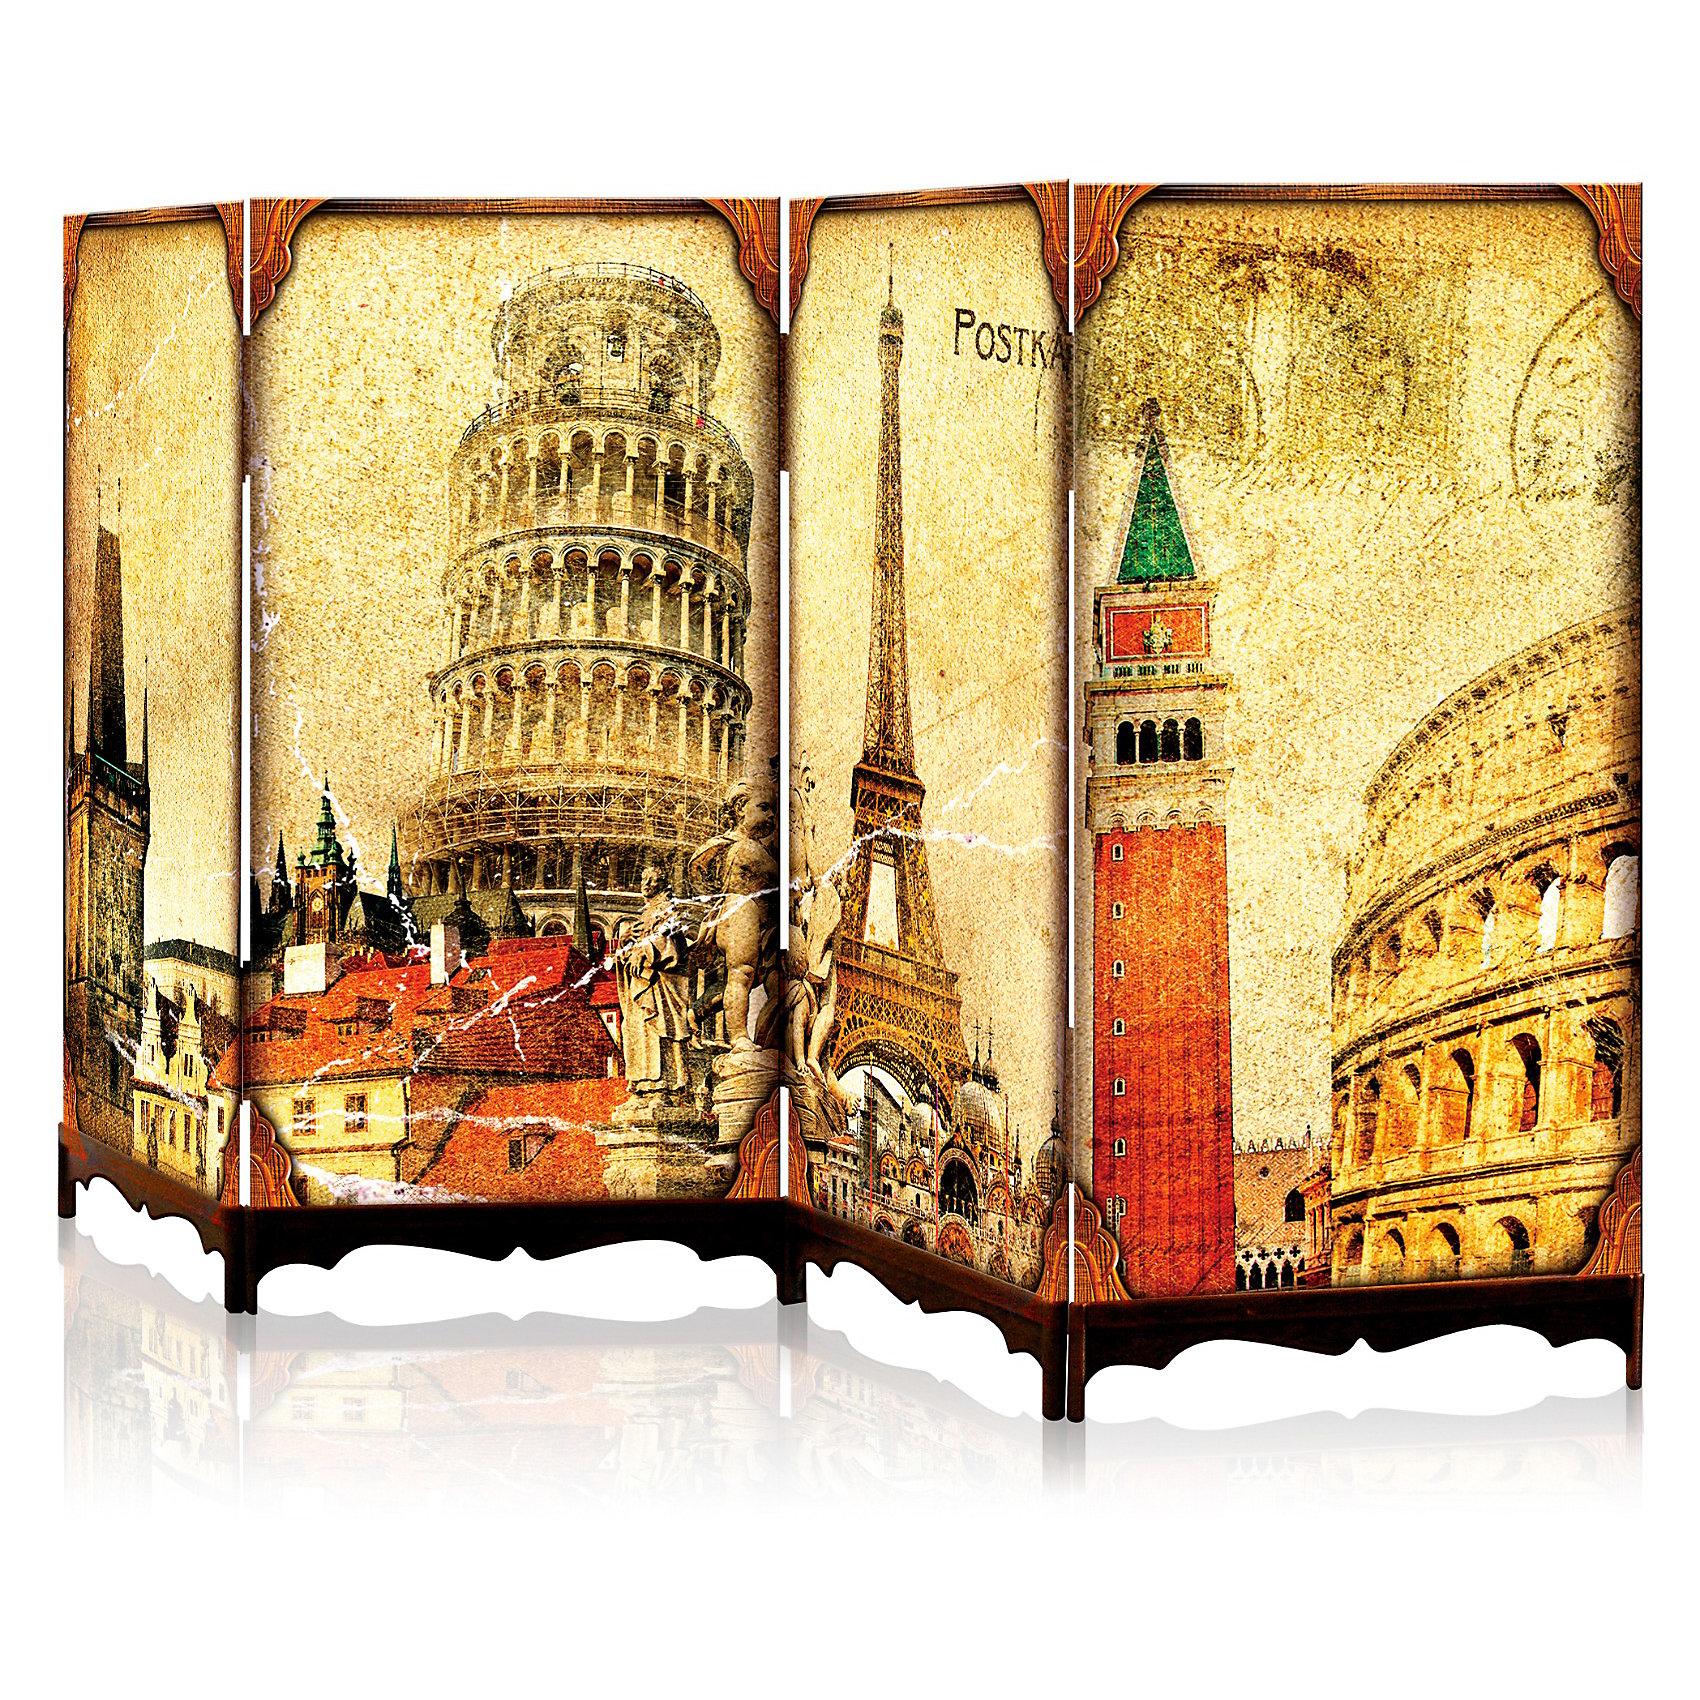 Пазл-ширма Архитектурные памятники, 462 детали, Pintoo